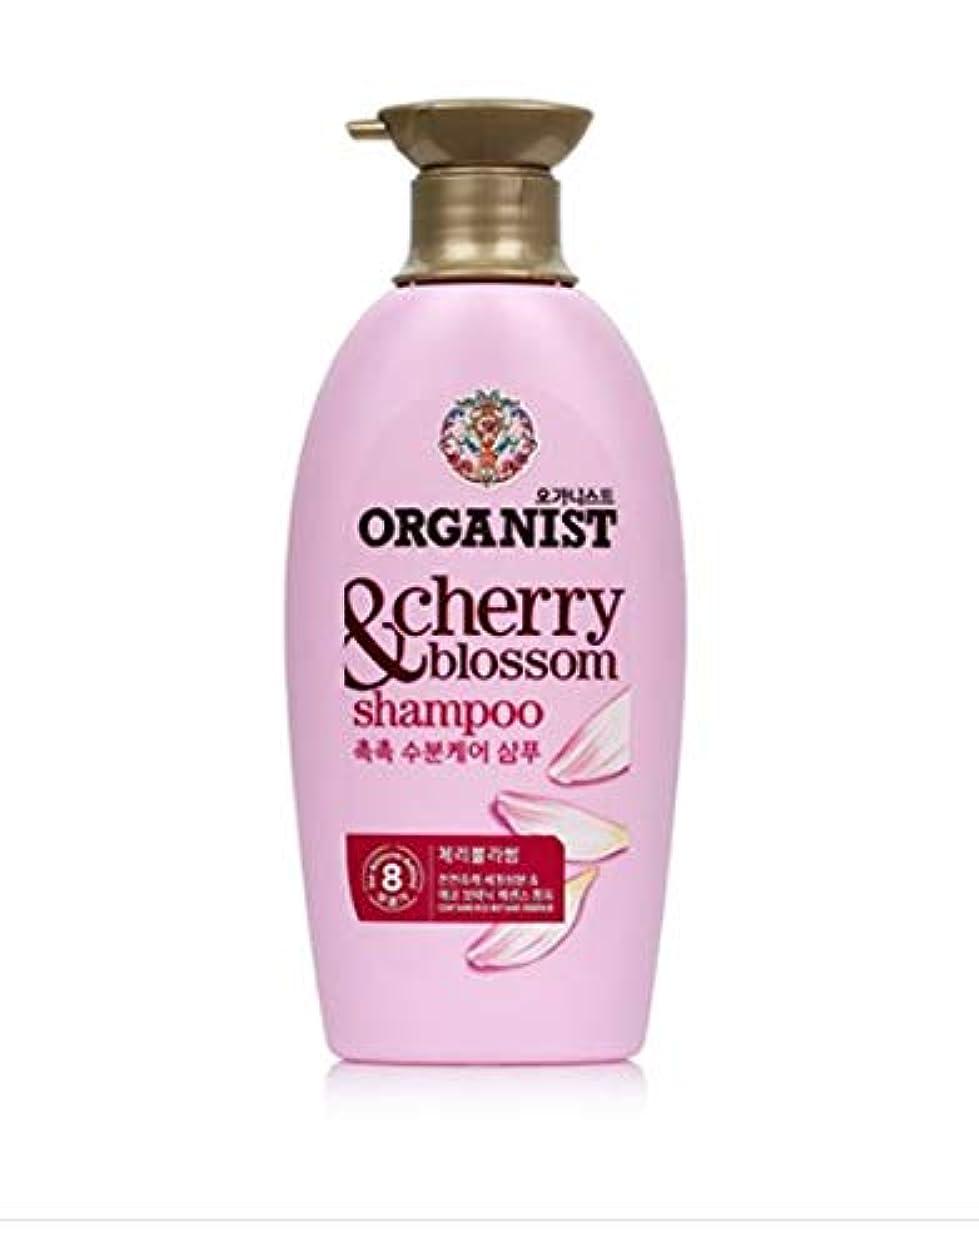 書き出す心理的に許可オーガニスト (ORGANIST)チェリーブロッサムシャンプー500ml/ ORGANIST Cherry Blossom Hydrating Shampoo 500ml [並行輸入品]